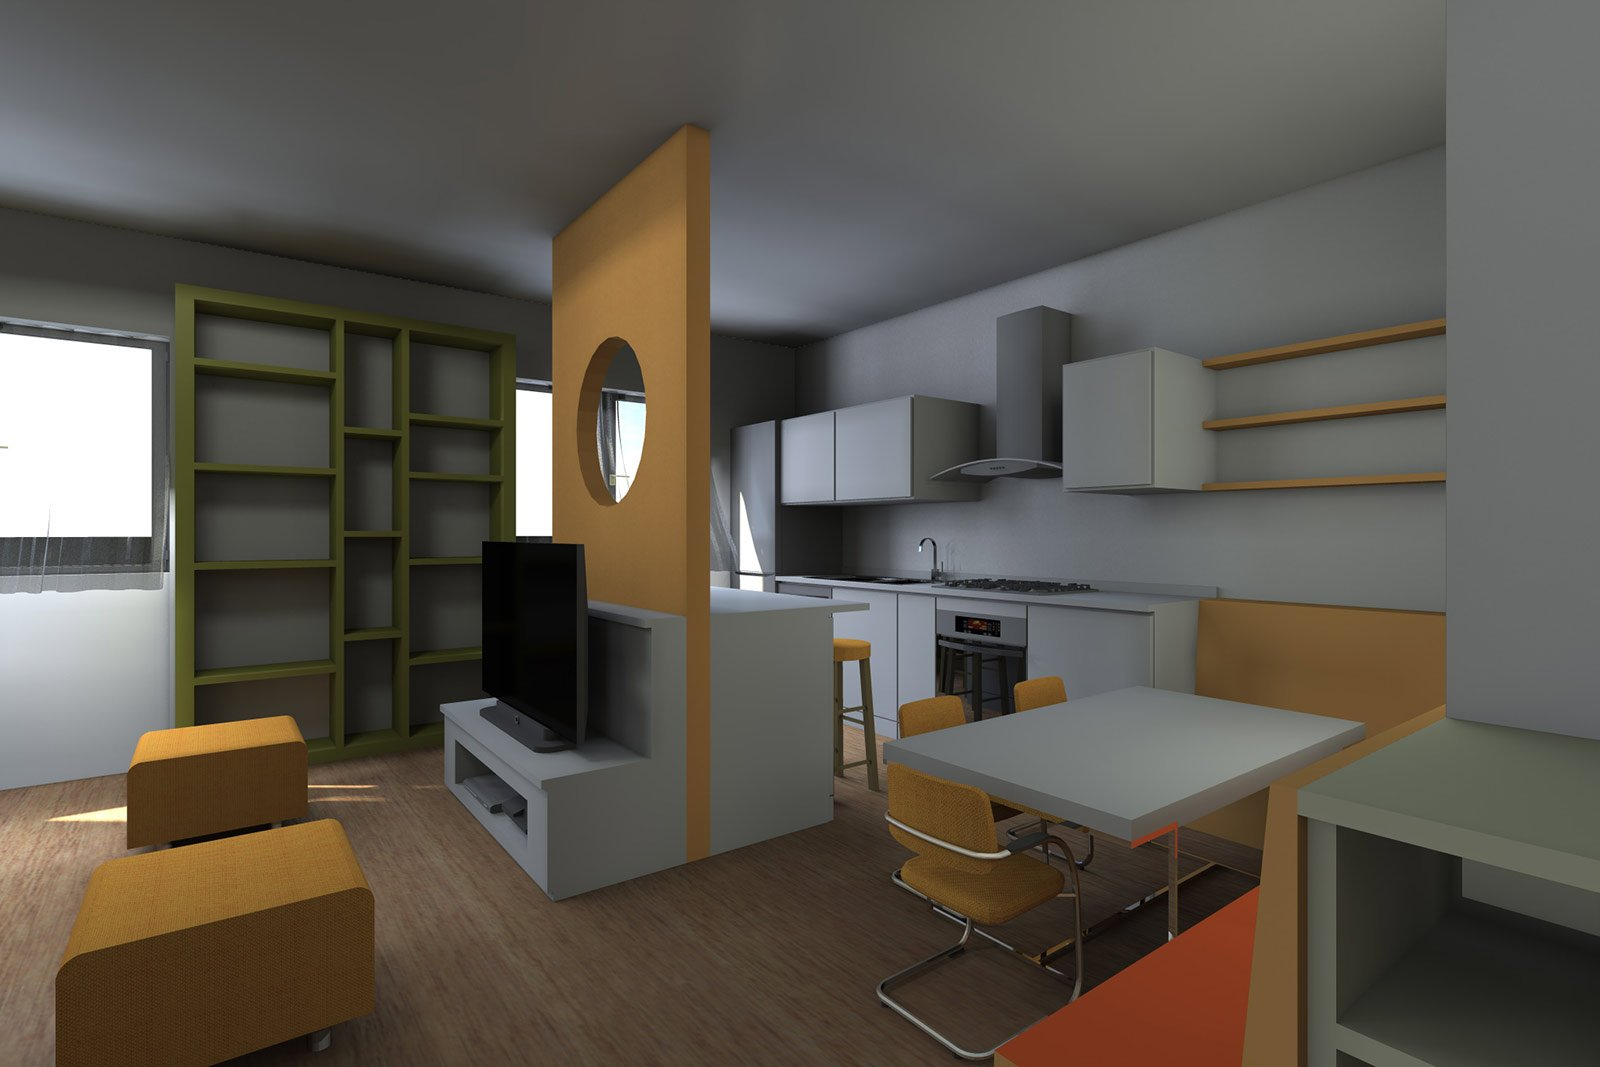 Soggiorno Con Cucina A Vista. Pianta E Prospetto In 3D Cose Di Casa #6A482C 1600 1067 Come Arredare Un Ambiente Unico Cucina Soggiorno